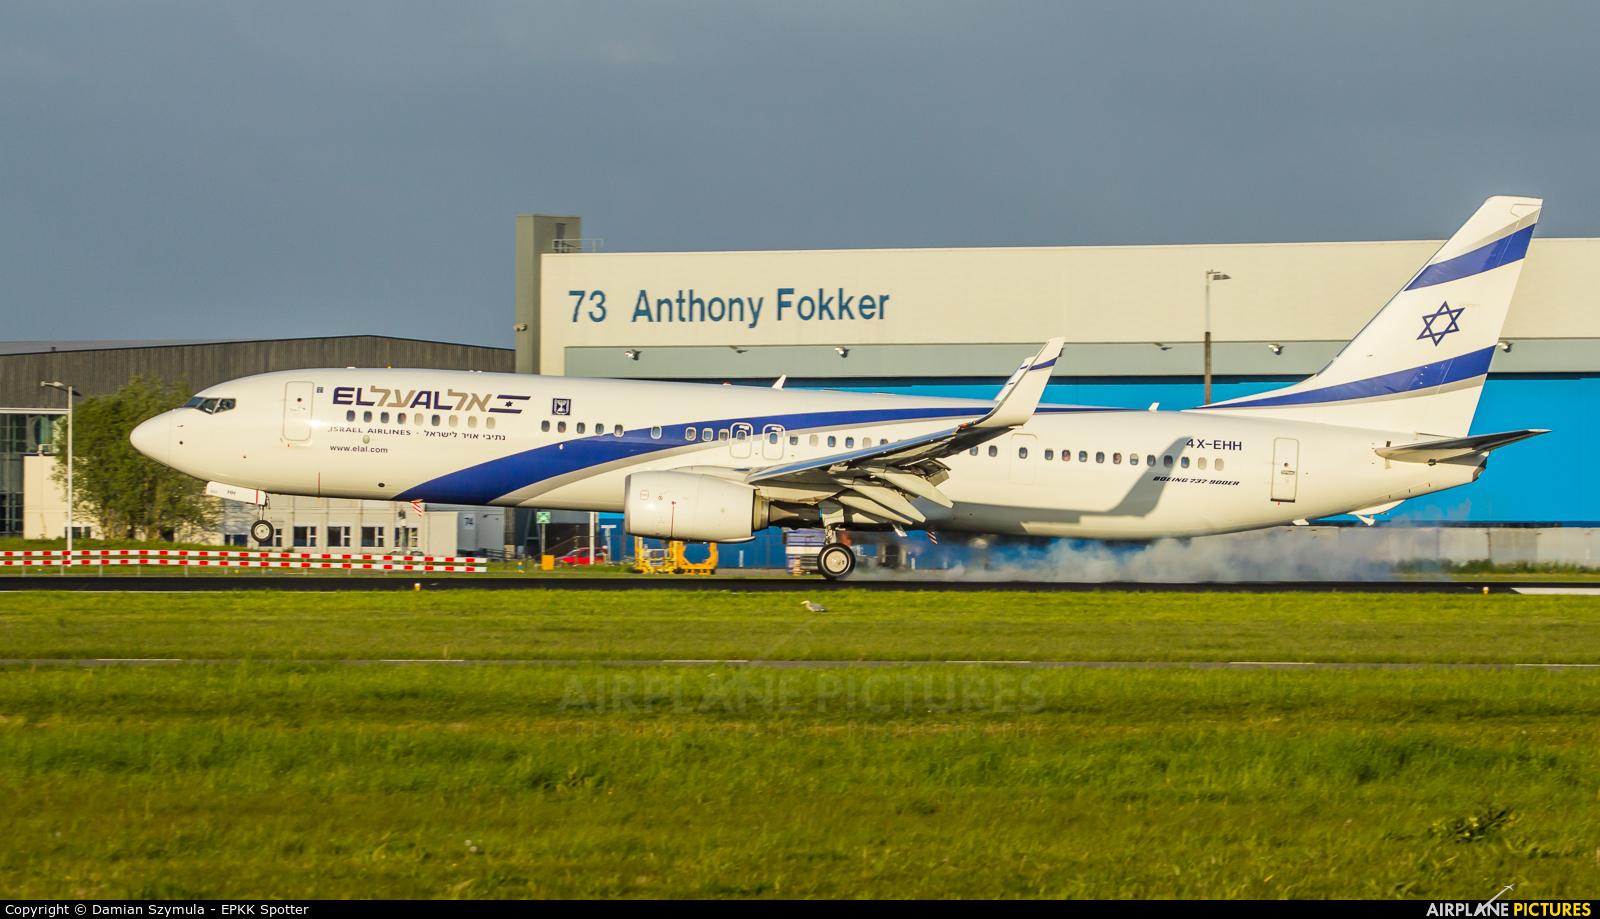 El Al Israel Airlines 4X-EHH aircraft at Amsterdam - Schiphol